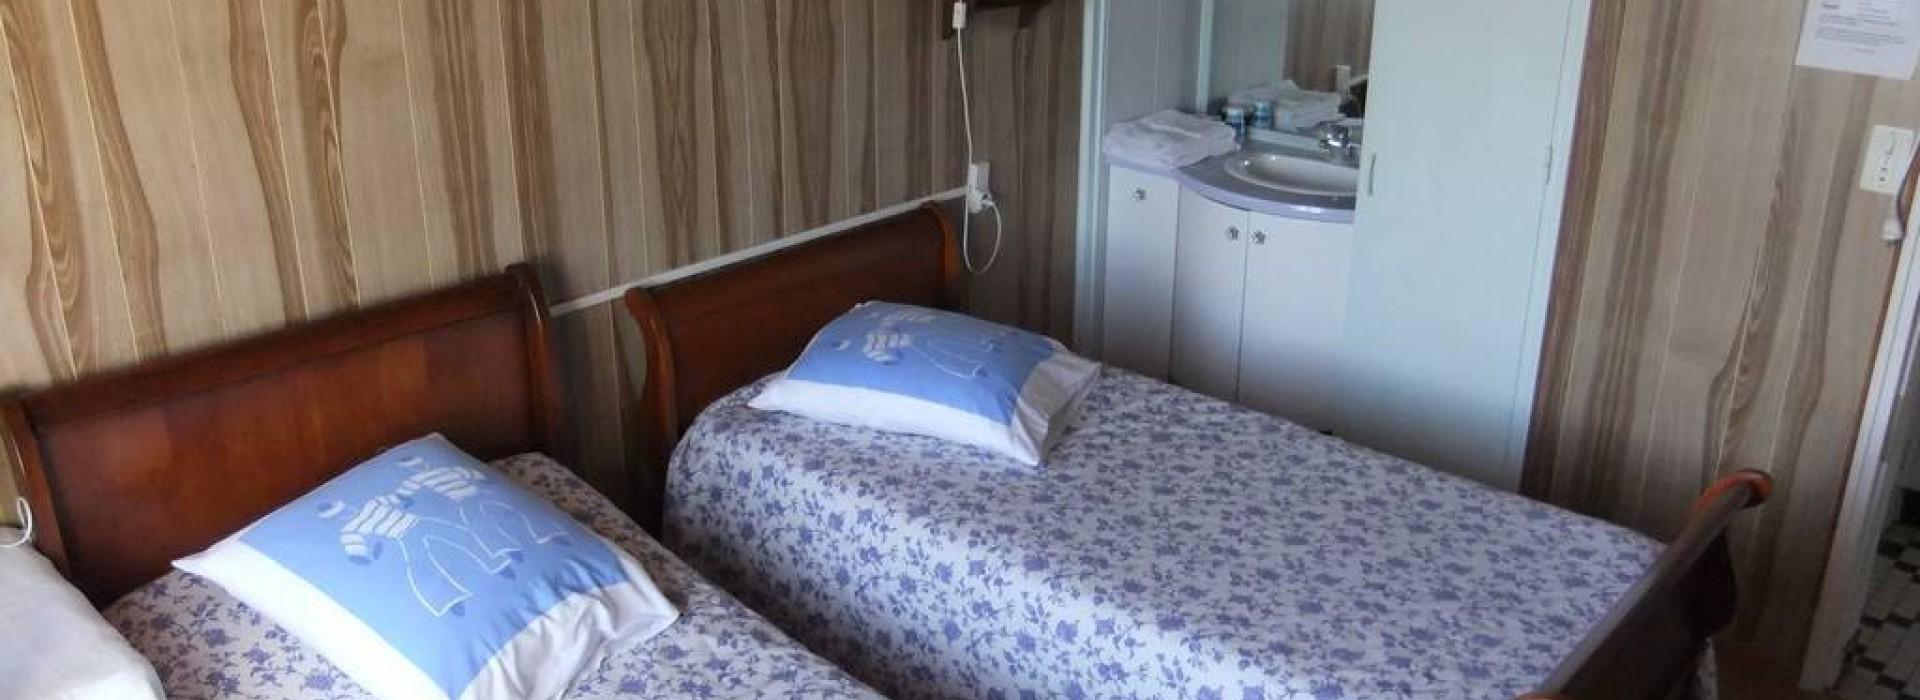 Chambres d 39 hotes villa les roses chambres d 39 h tes en pays de la loire - Chambre d hotes le poteau rose ...